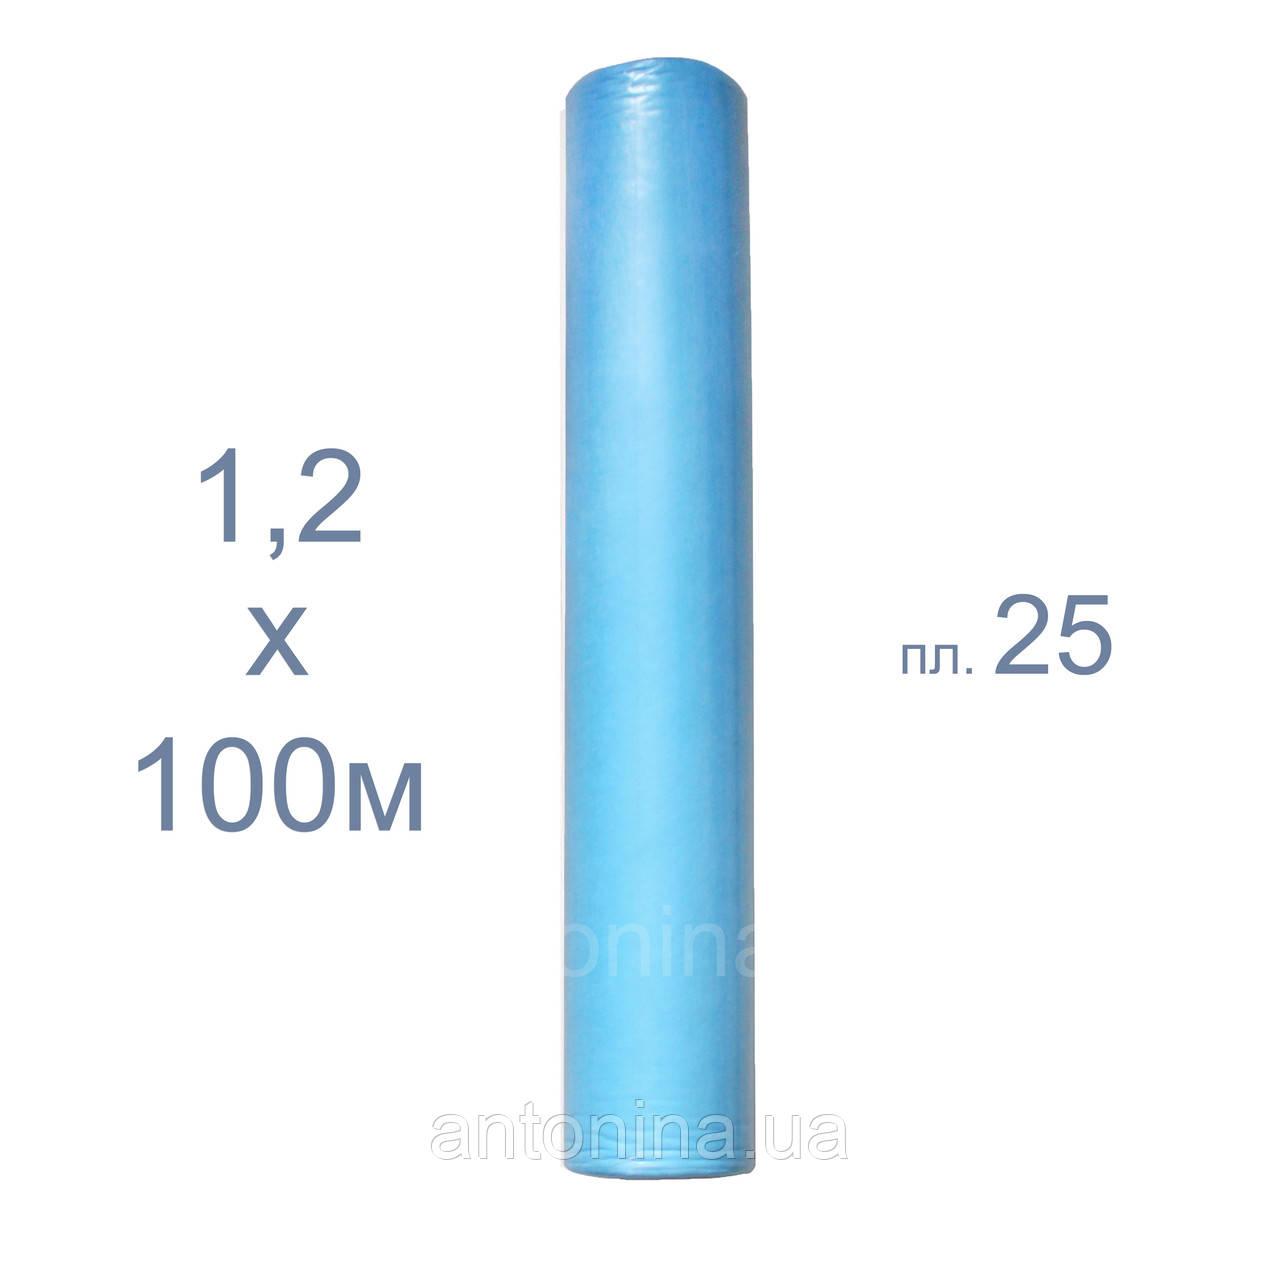 """Одноразові простирадла блакитні 1,2х100м щільні ТМ """"Антоніна"""", спанбонд"""